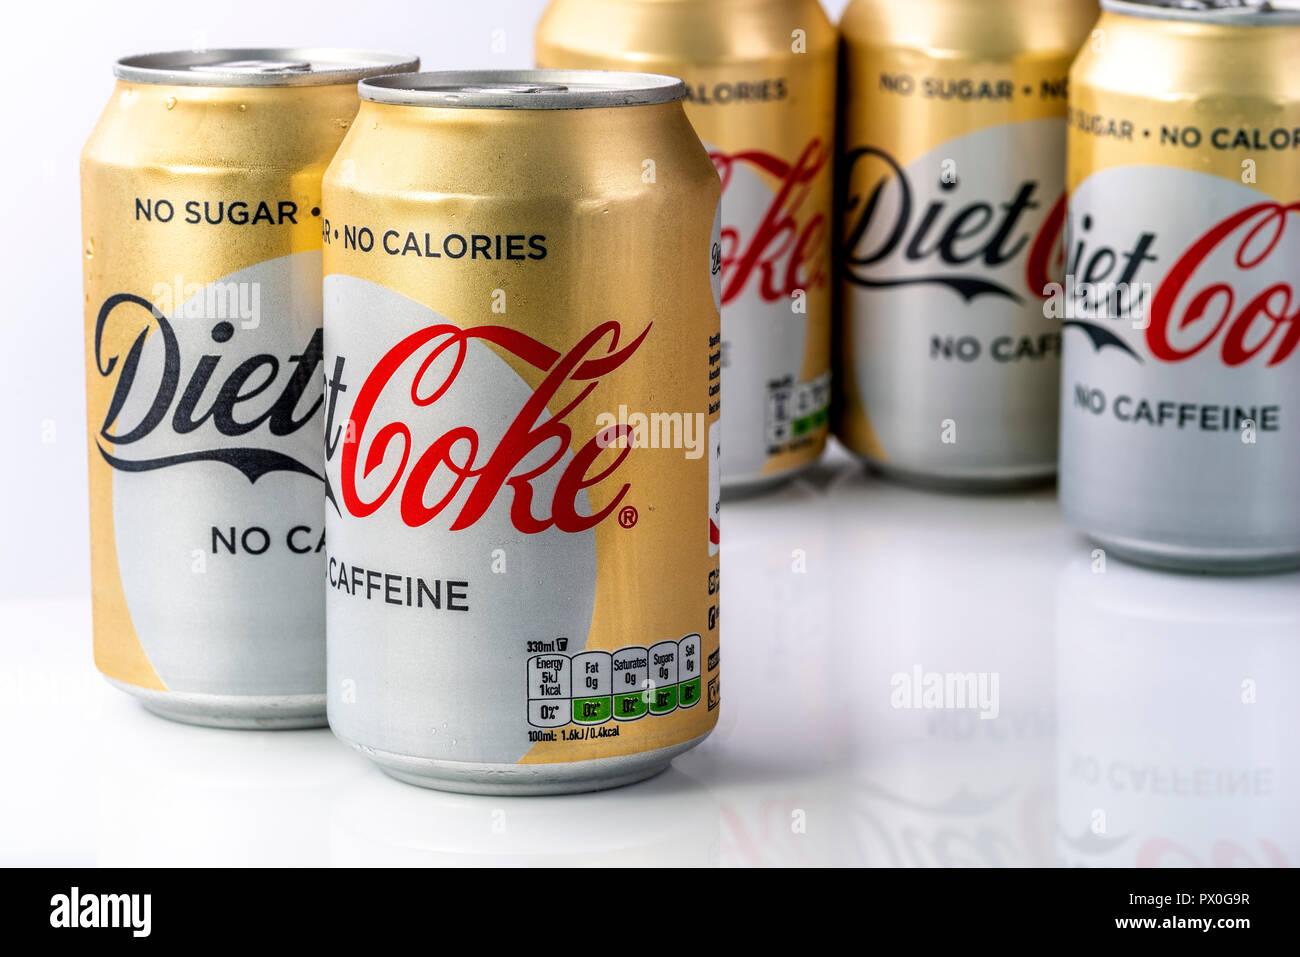 Mini Kühlschrank Cola Dose : Diät coca cola dosen stockfotos diät coca cola dosen bilder alamy